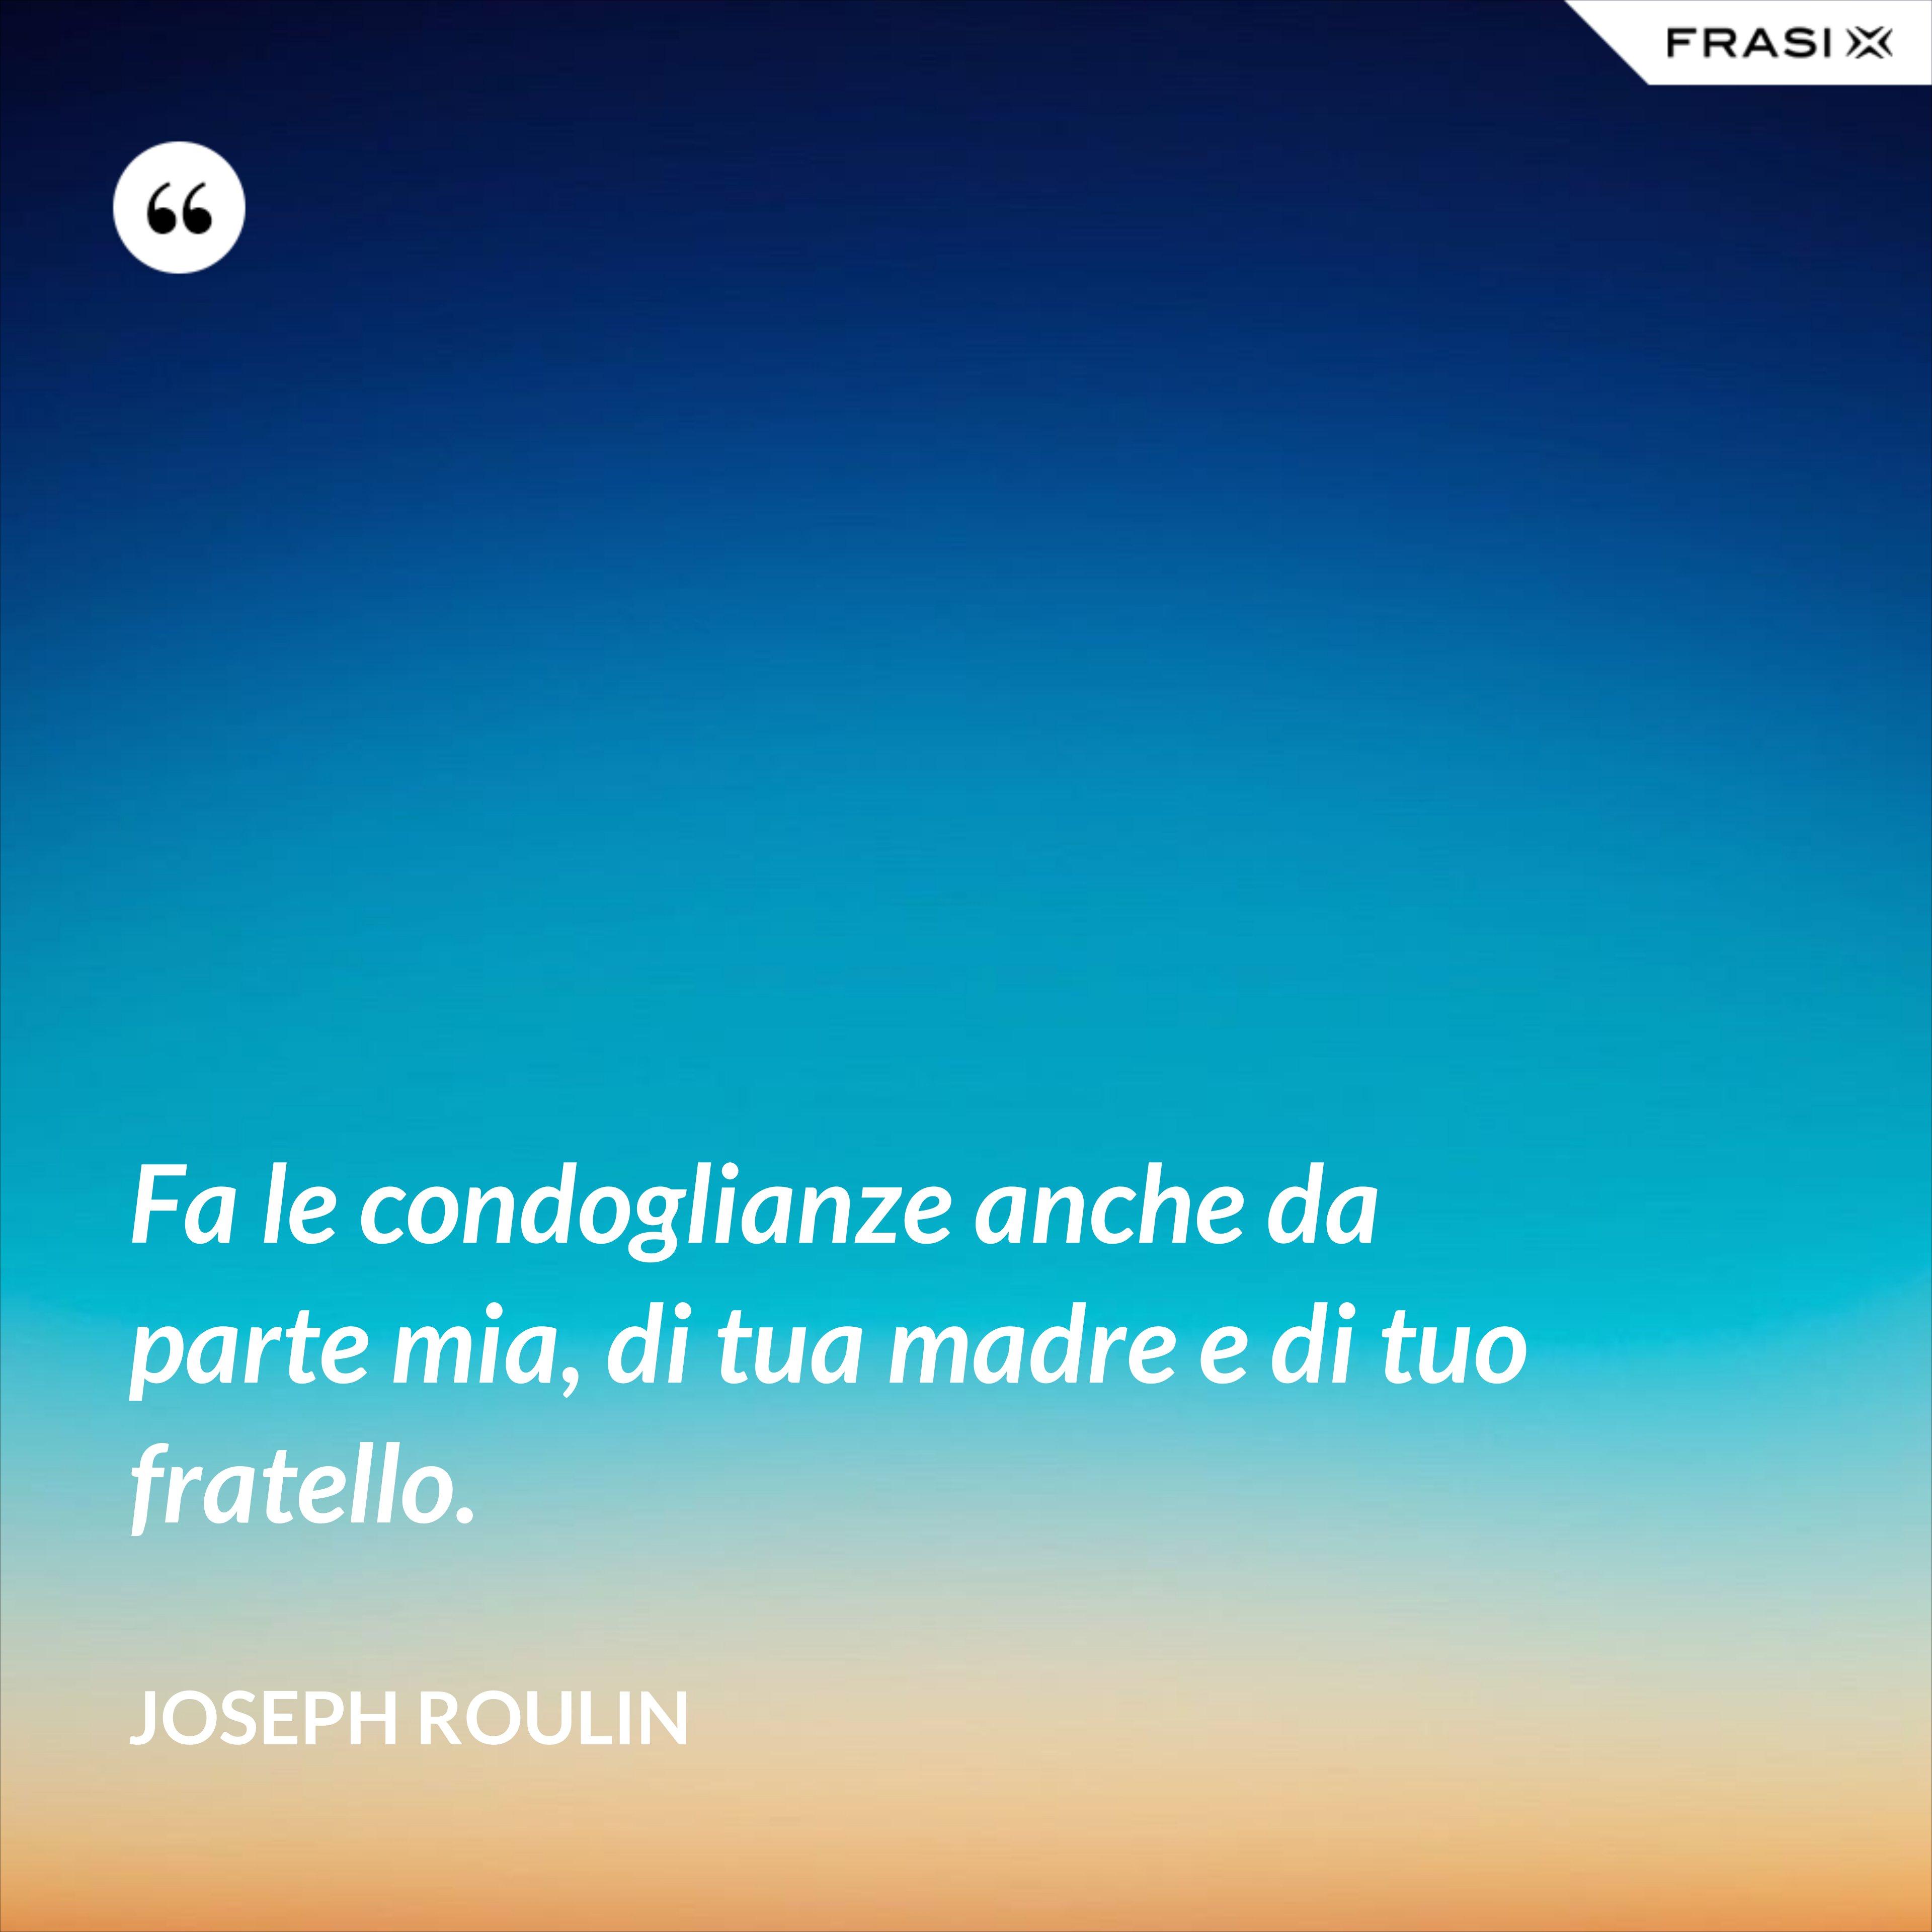 Fa le condoglianze anche da parte mia, di tua madre e di tuo fratello. - Joseph Roulin